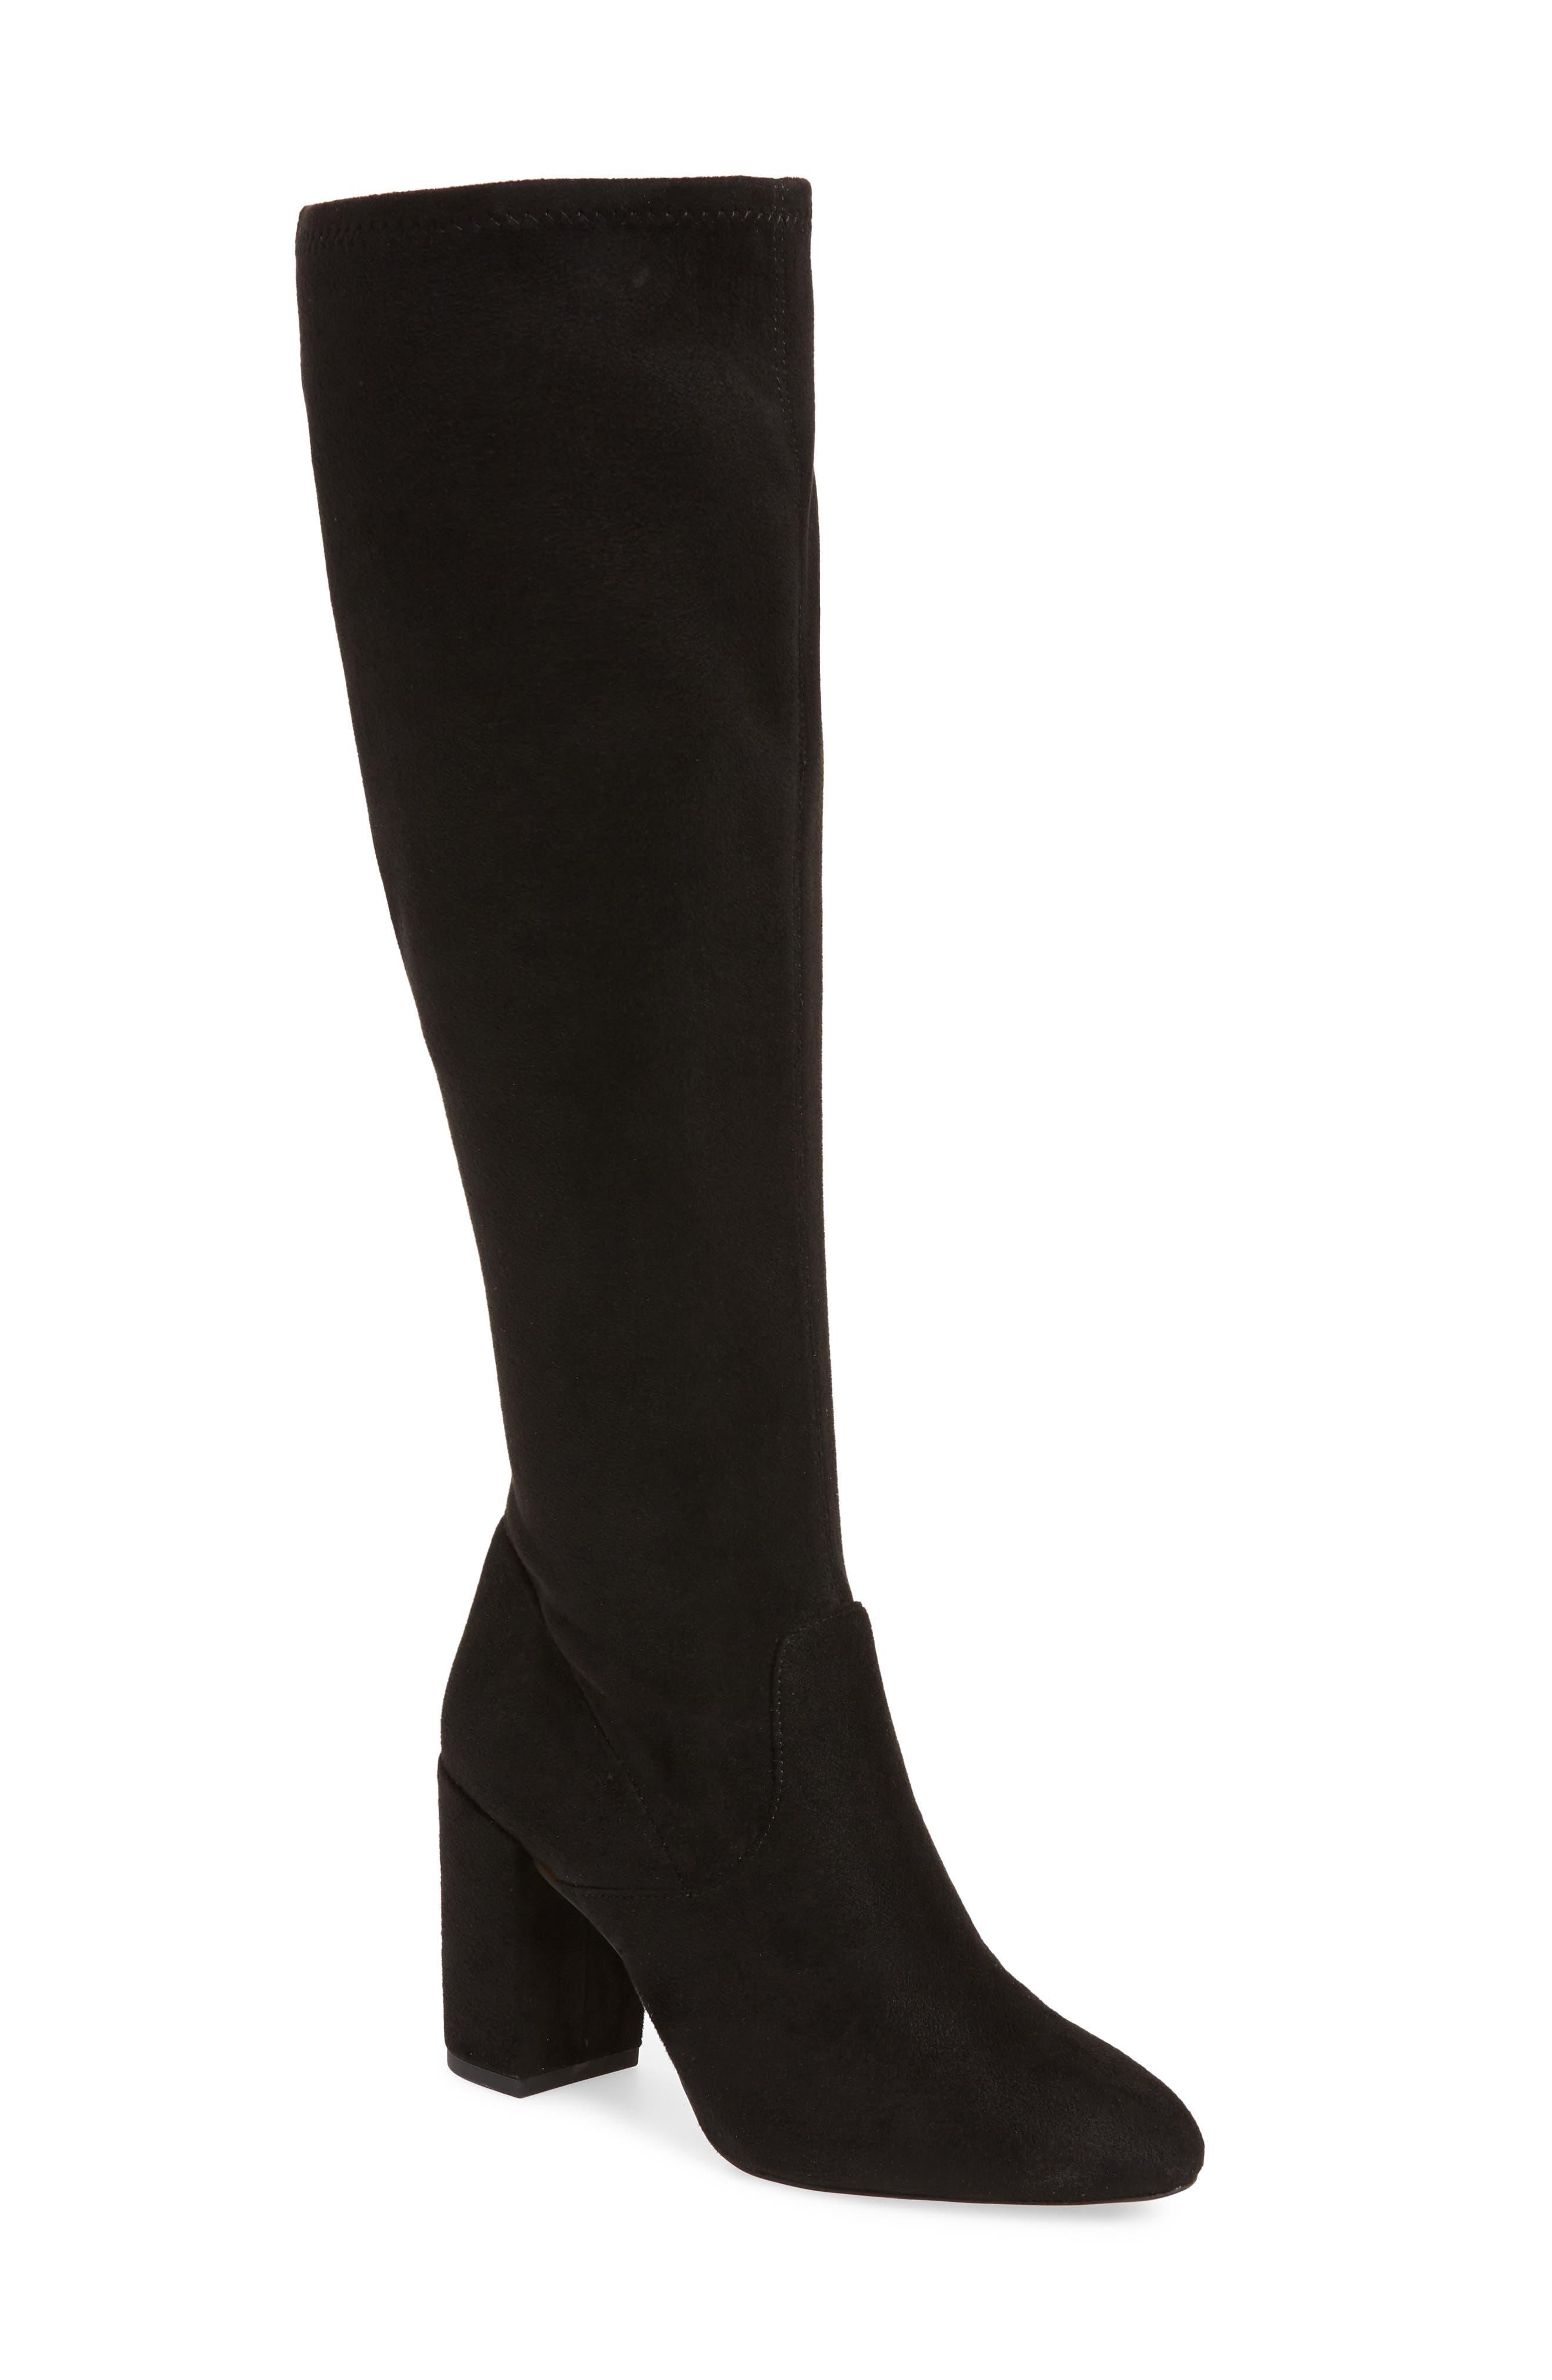 Rebecca Minkoff Gillian Knee High Boot, Black